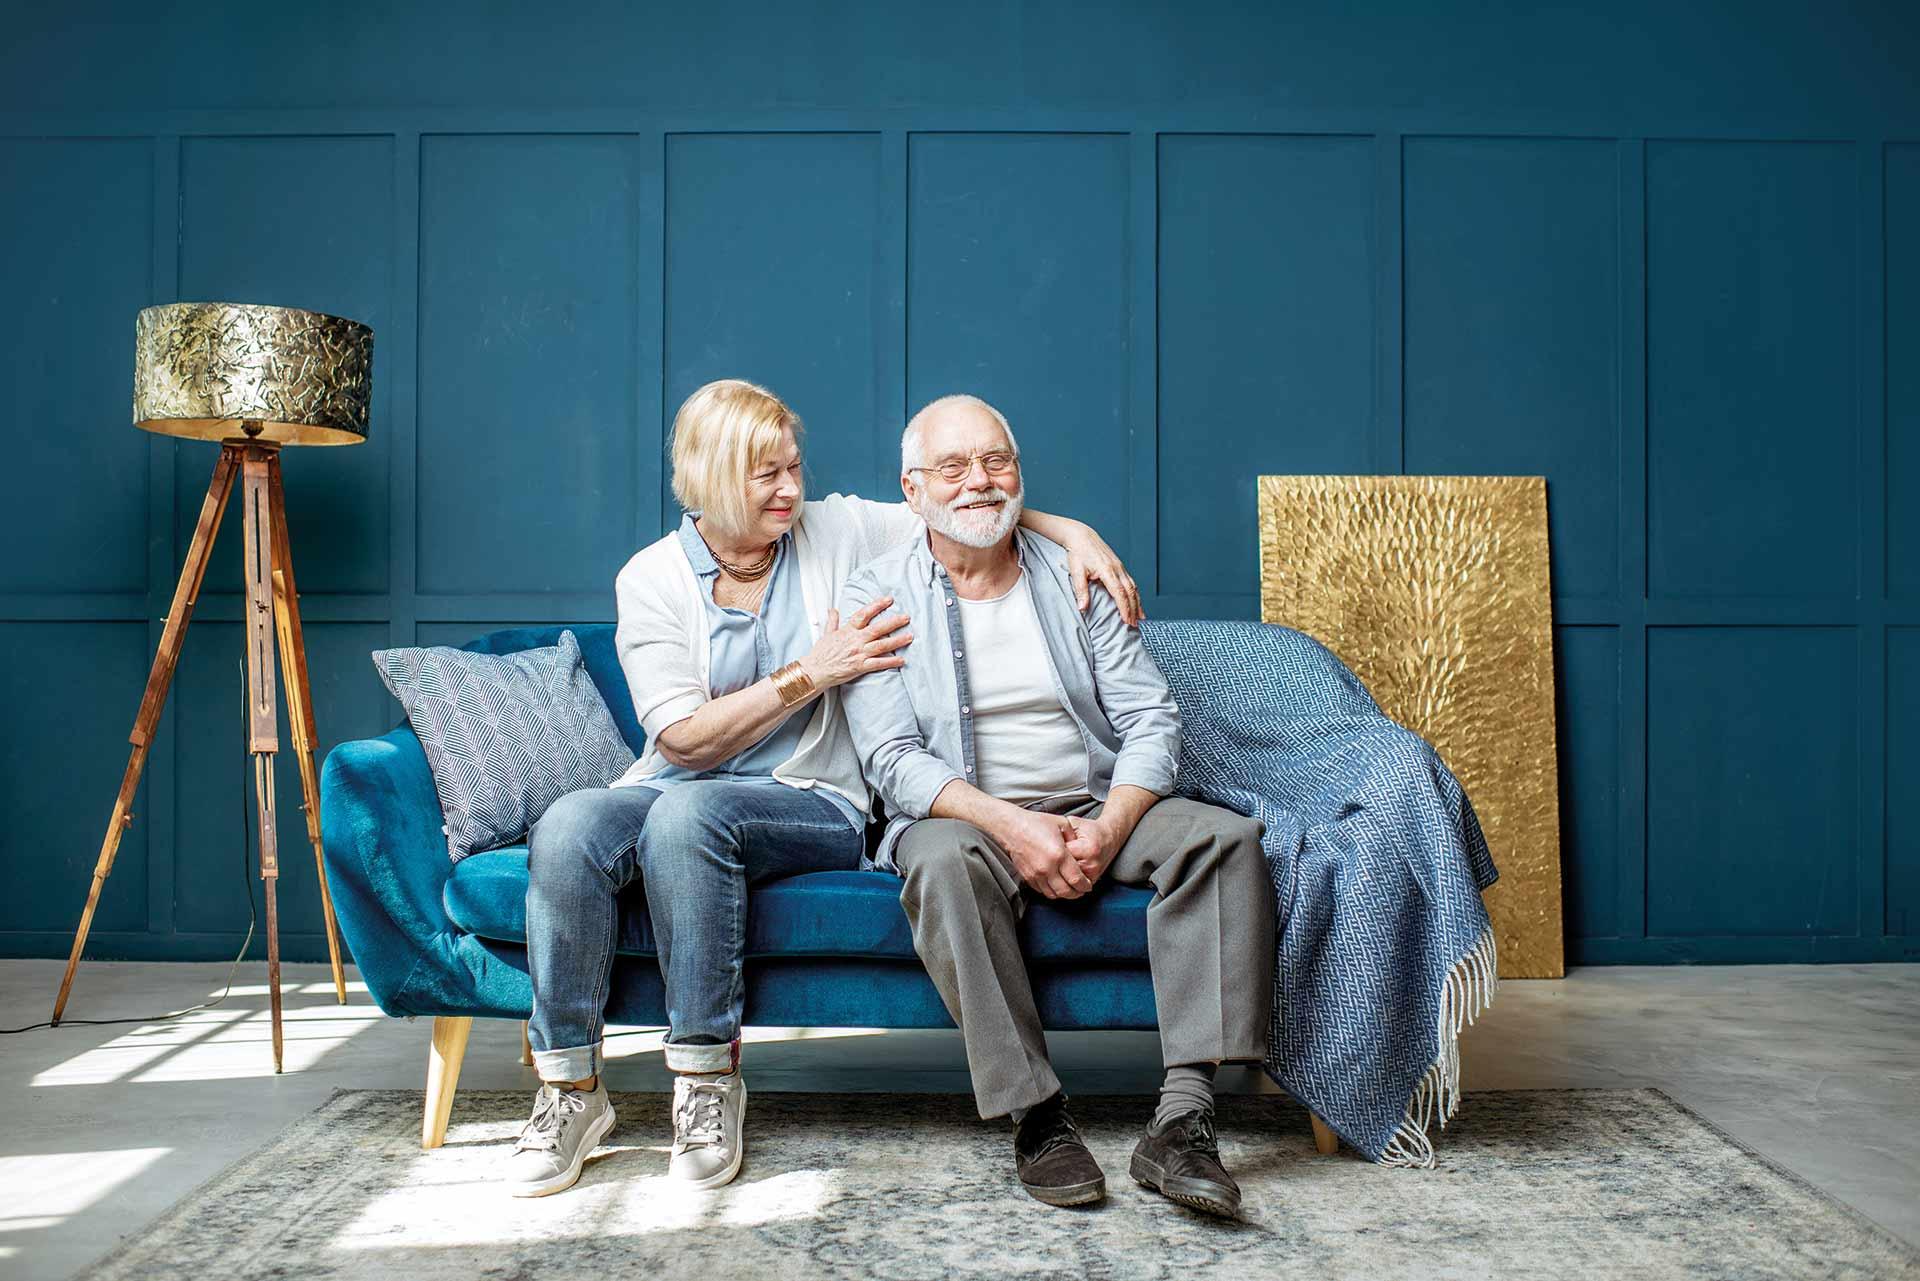 Älteres Paar in einer Wohnung die zu groß ist